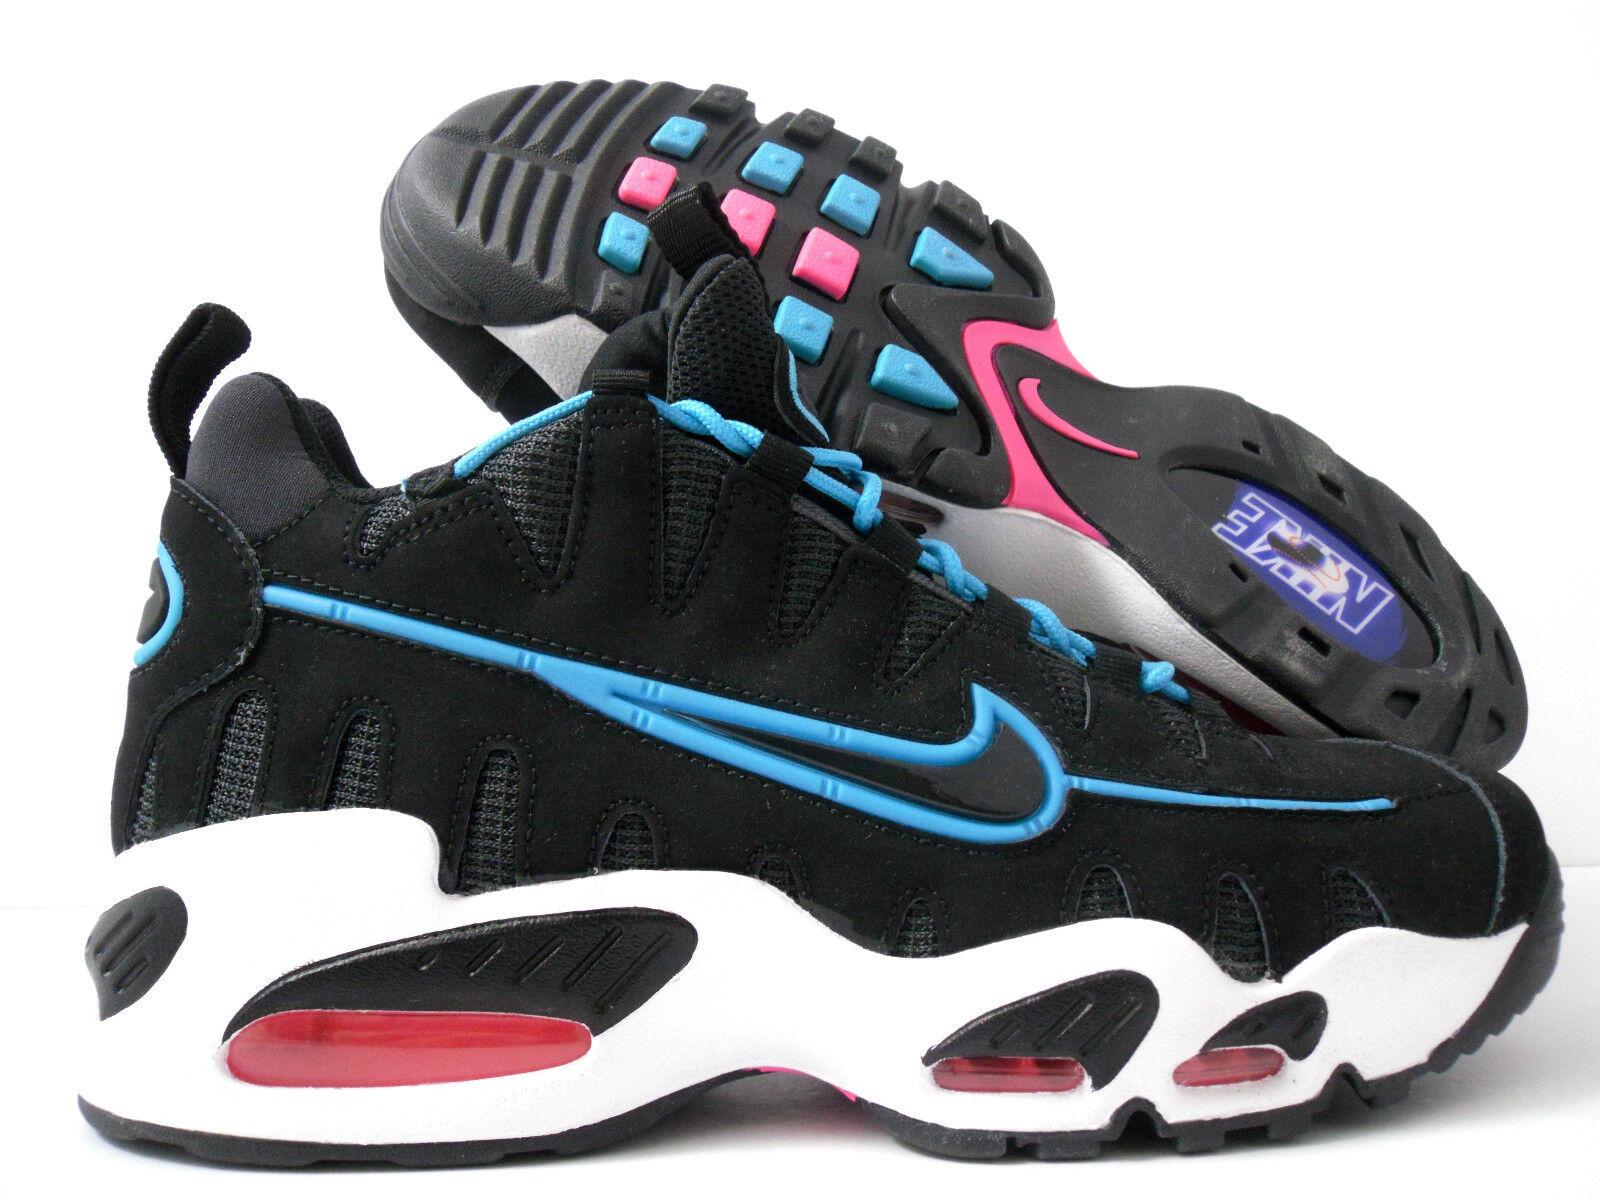 Nike air max nm hideo no jr south beach nero griffin jr no sz 10,5 - 429749-017] 3c5931